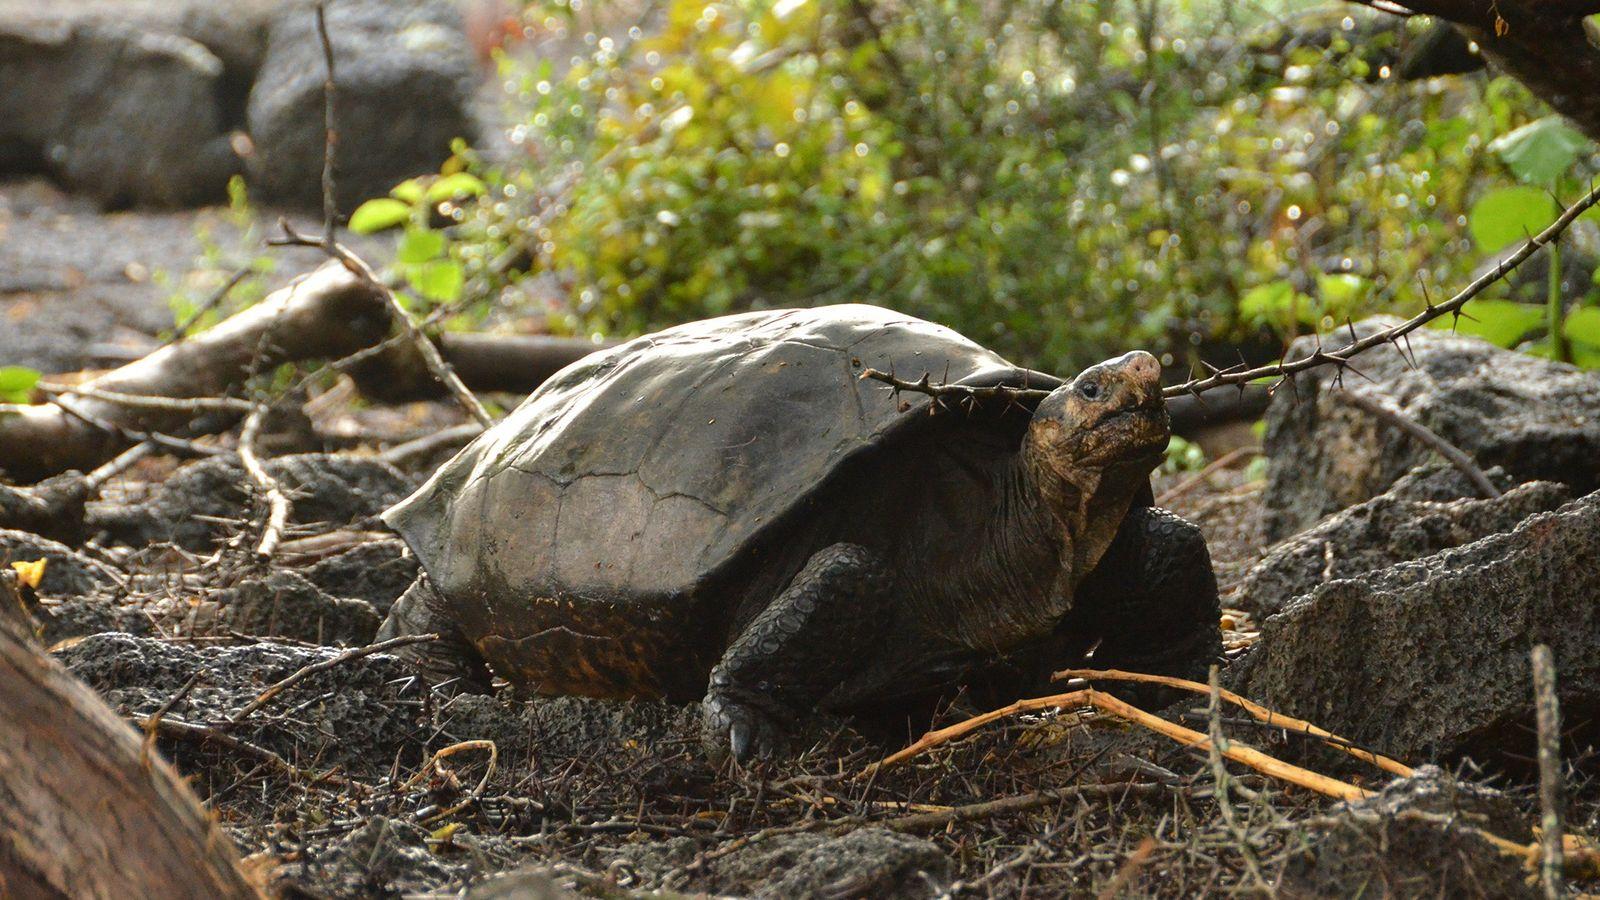 L'espèce de tortue géante de l'île de Fernandina, dans l'archipel des Galápagos, n'avait pas été observée ...